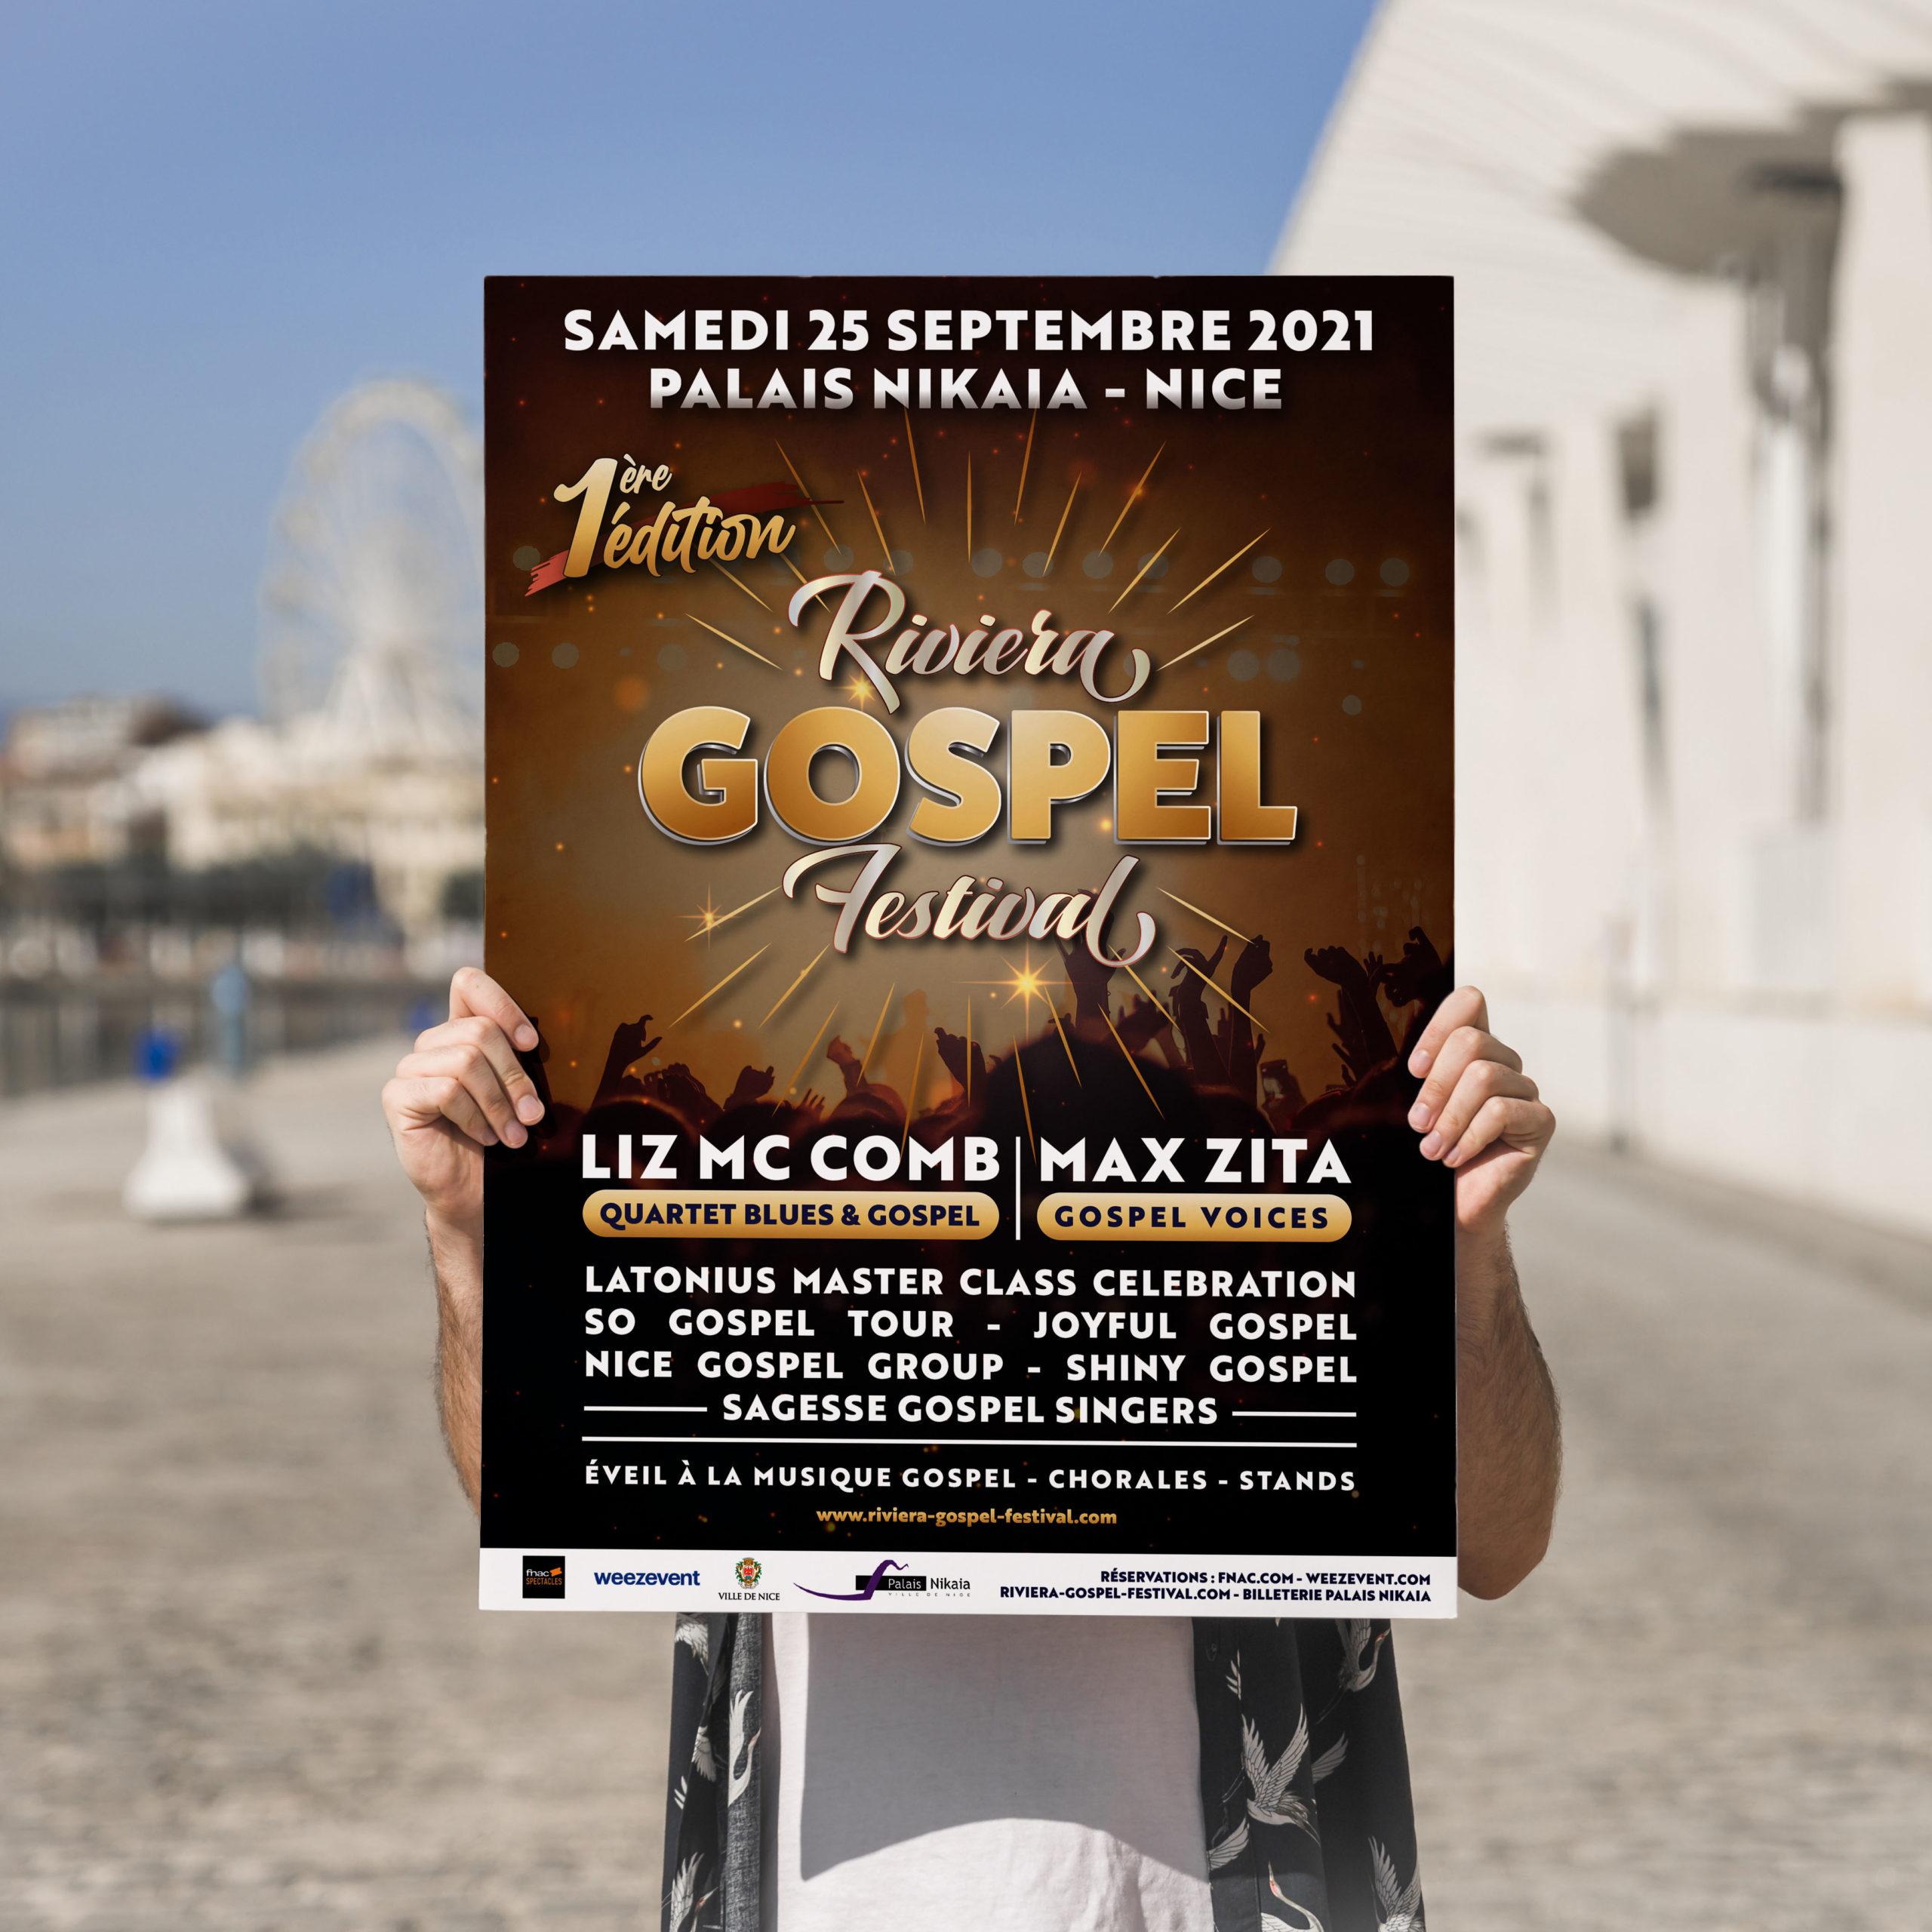 affiche riviera gospel festival